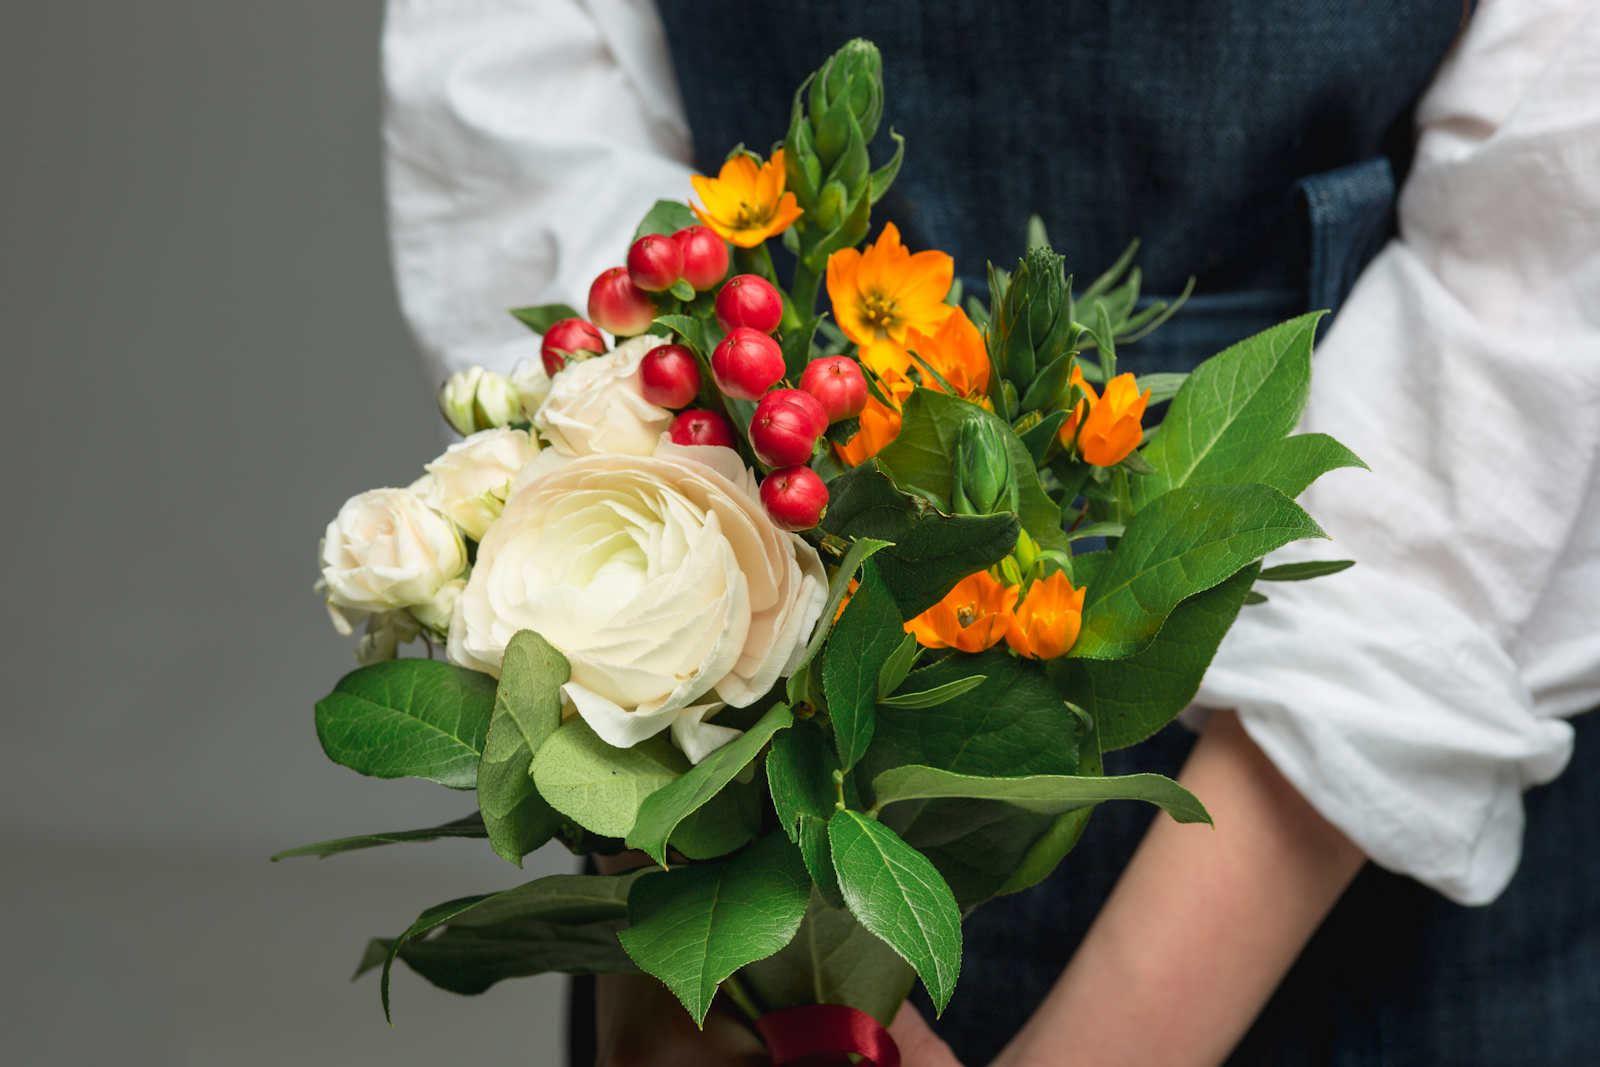 Sweet Floral of Duncraig